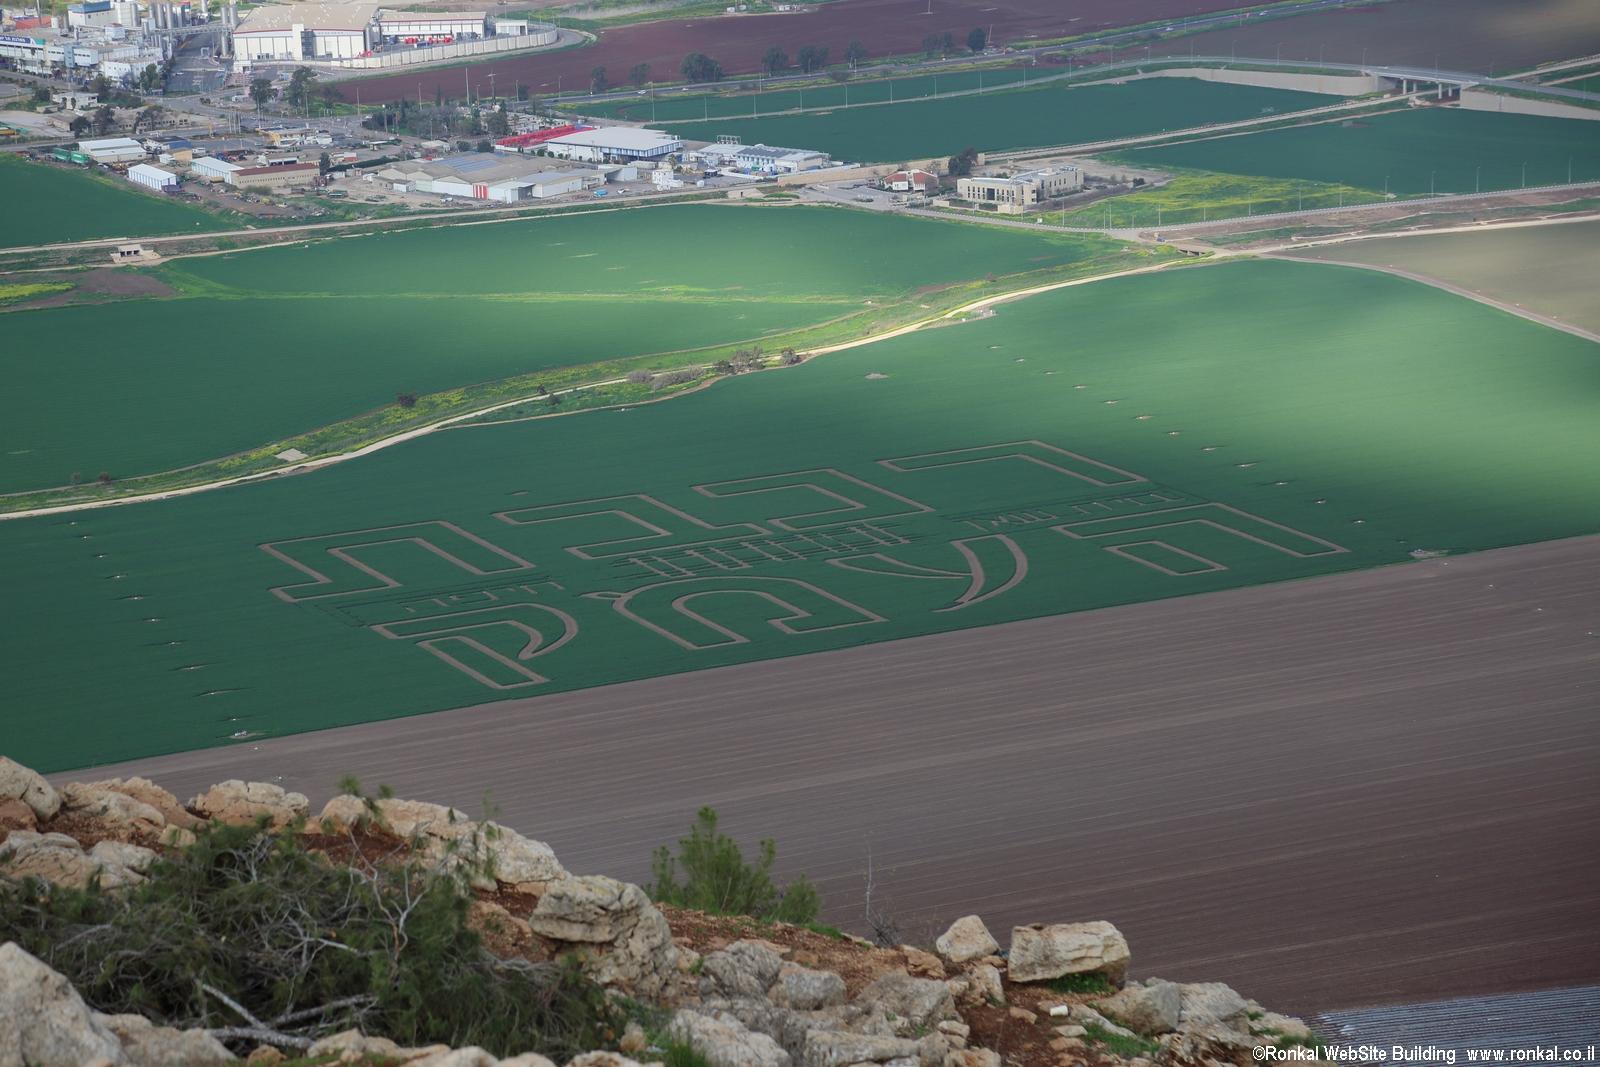 גרפיטי בשדות על בואה של רכבת העמק  מבית שאן לחיפה